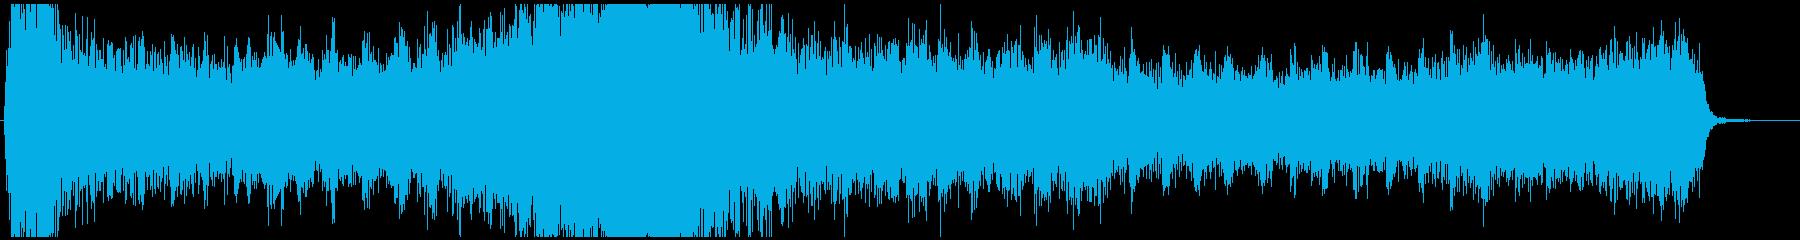 緊急事態の時の焦るBGM(ホラー)の再生済みの波形